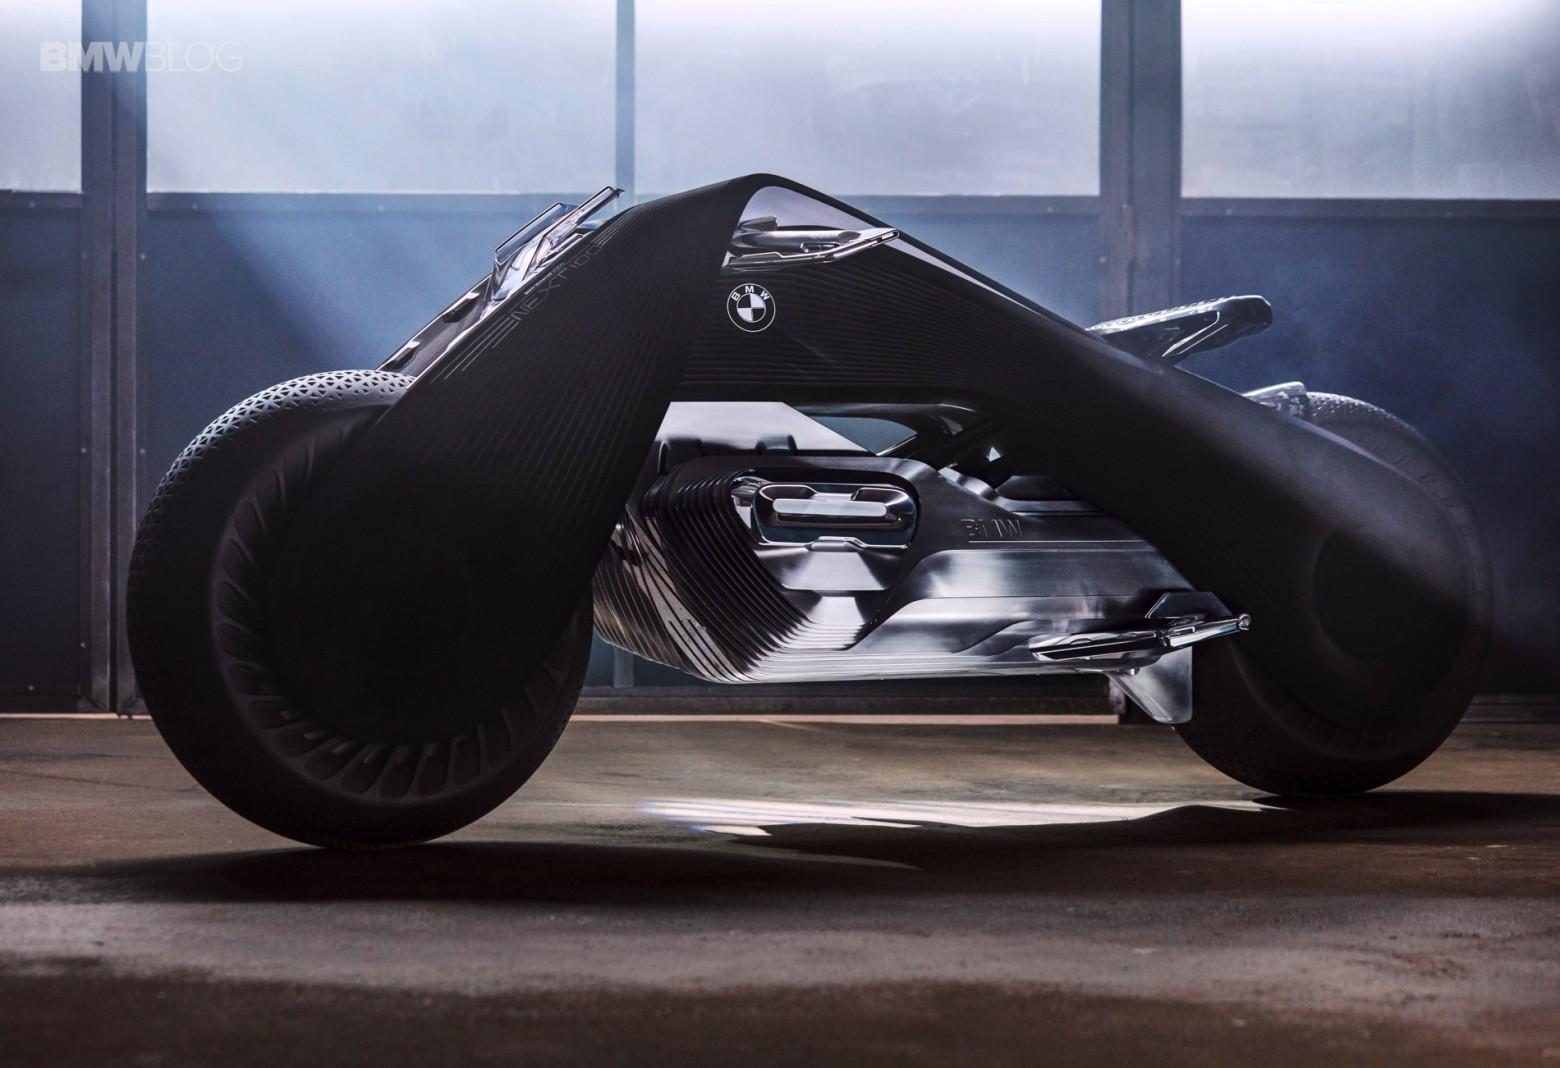 Концепт гибкого мотоцикла BMW Motorrad VISION NEXT 100 - 1